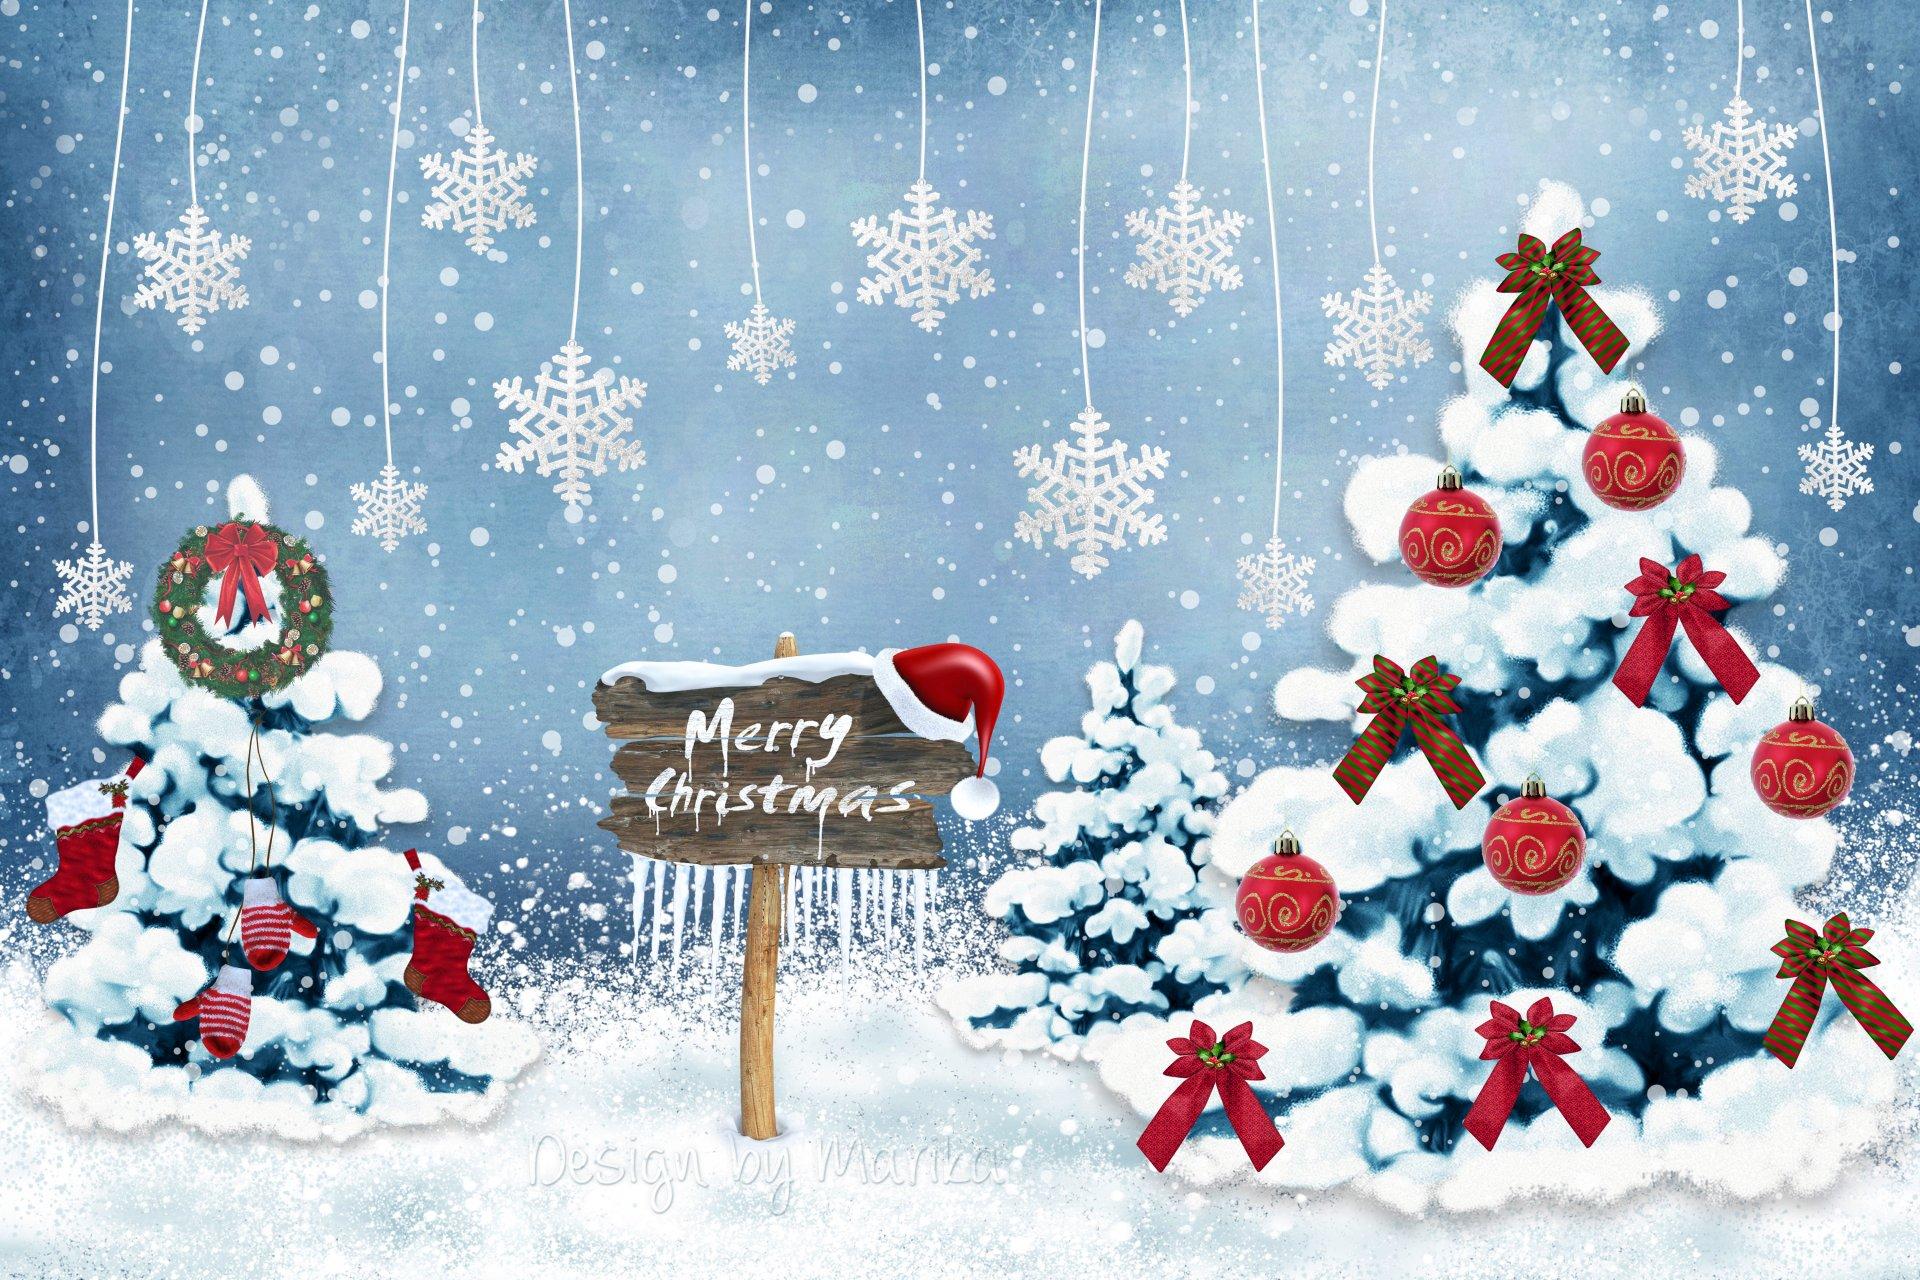 Звездочке, рисунки для открыток для нового года